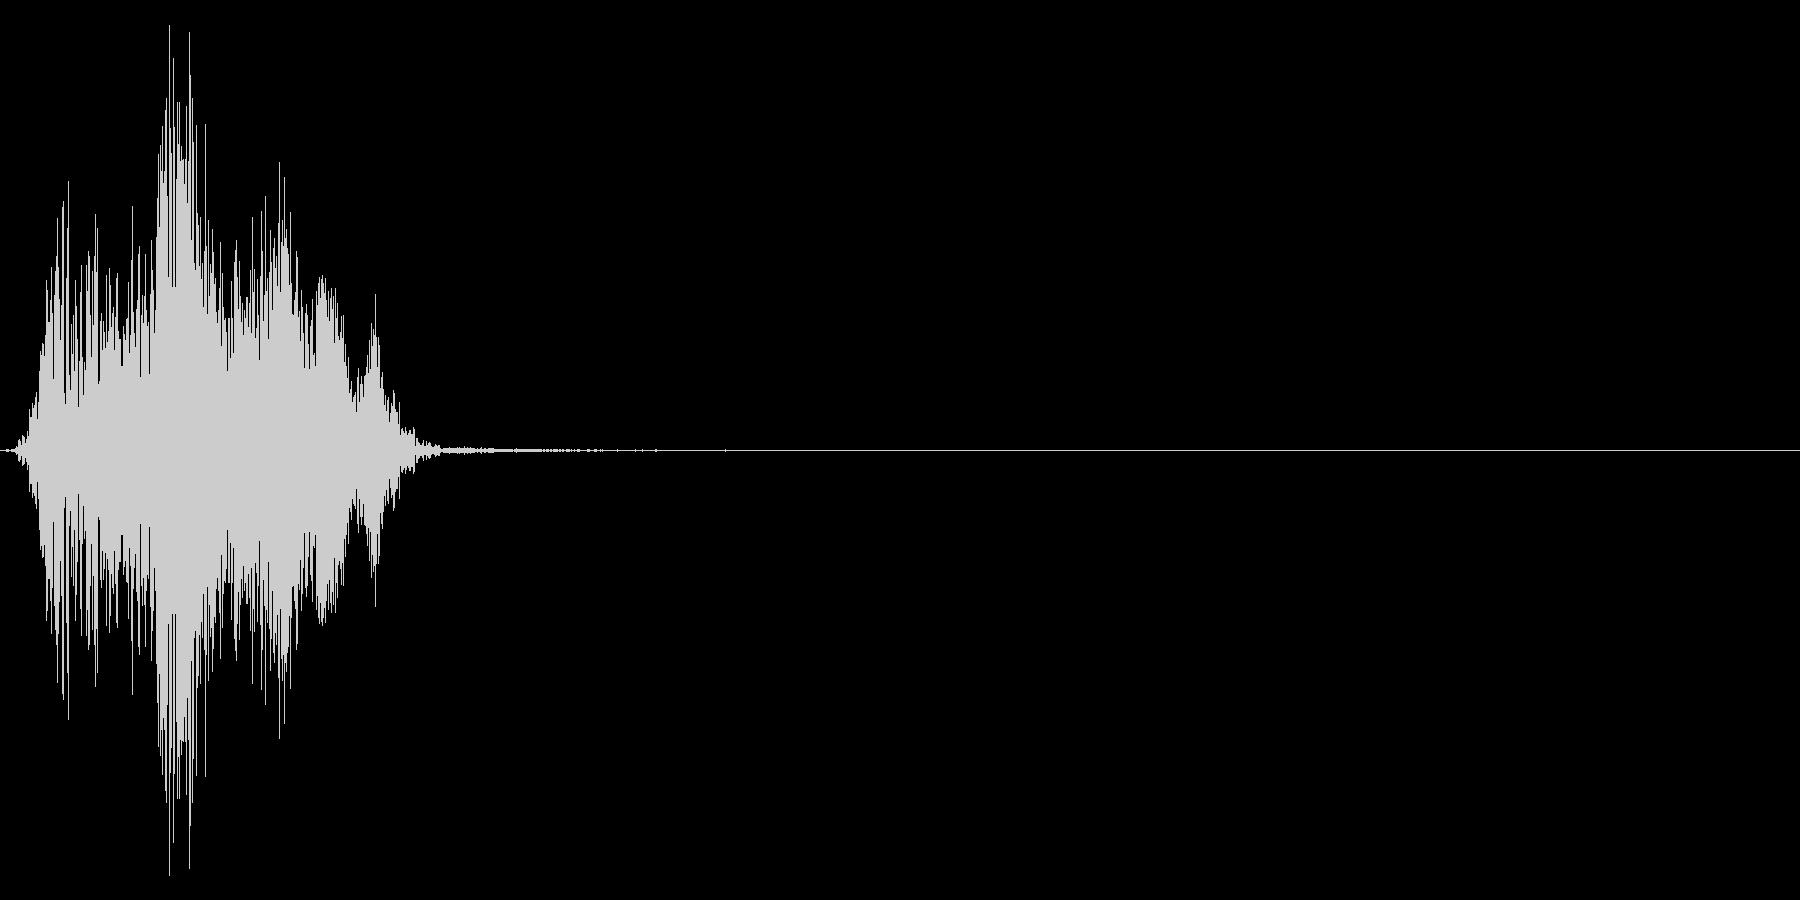 ジッパー、ファスナーを閉じる音1-4の未再生の波形